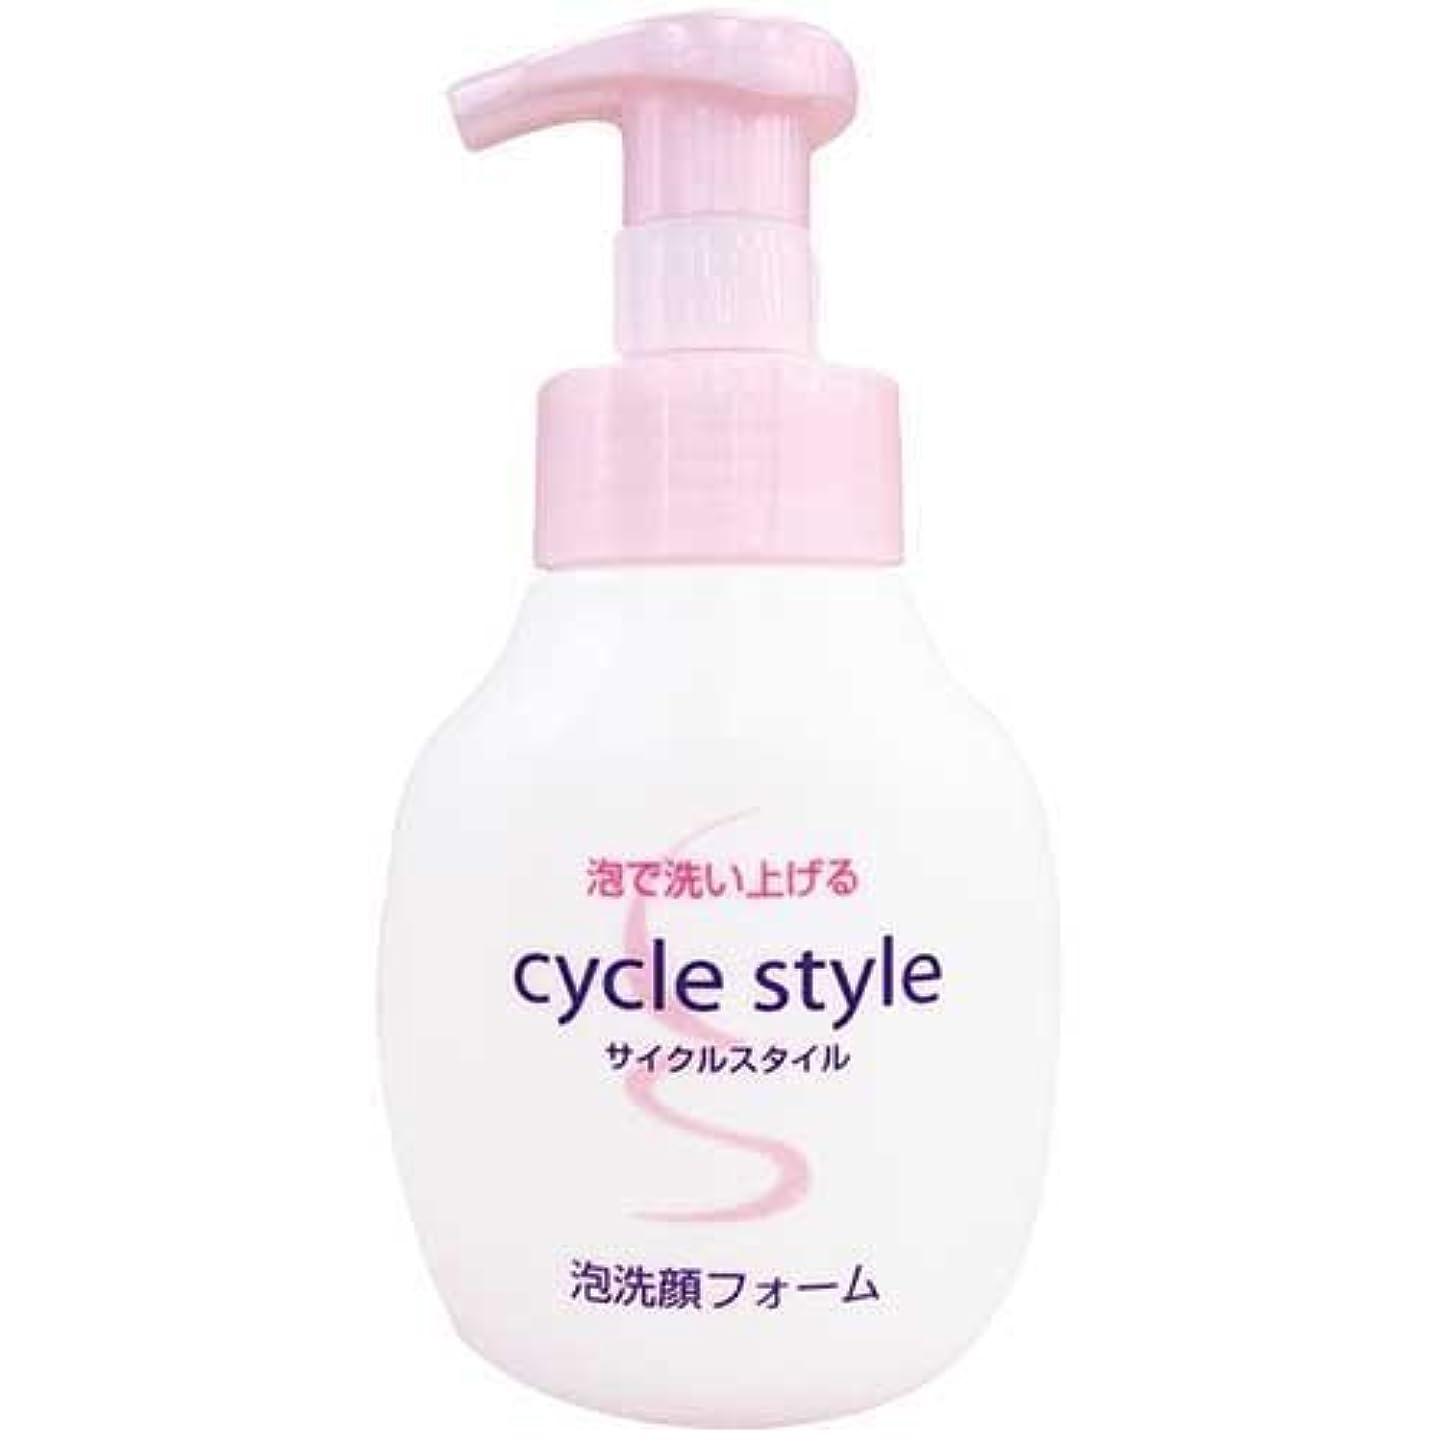 しっかりアスペクト短命サイクルスタイル 泡洗顔フォーム 本体 250ml 【まとめ買い120個セット】